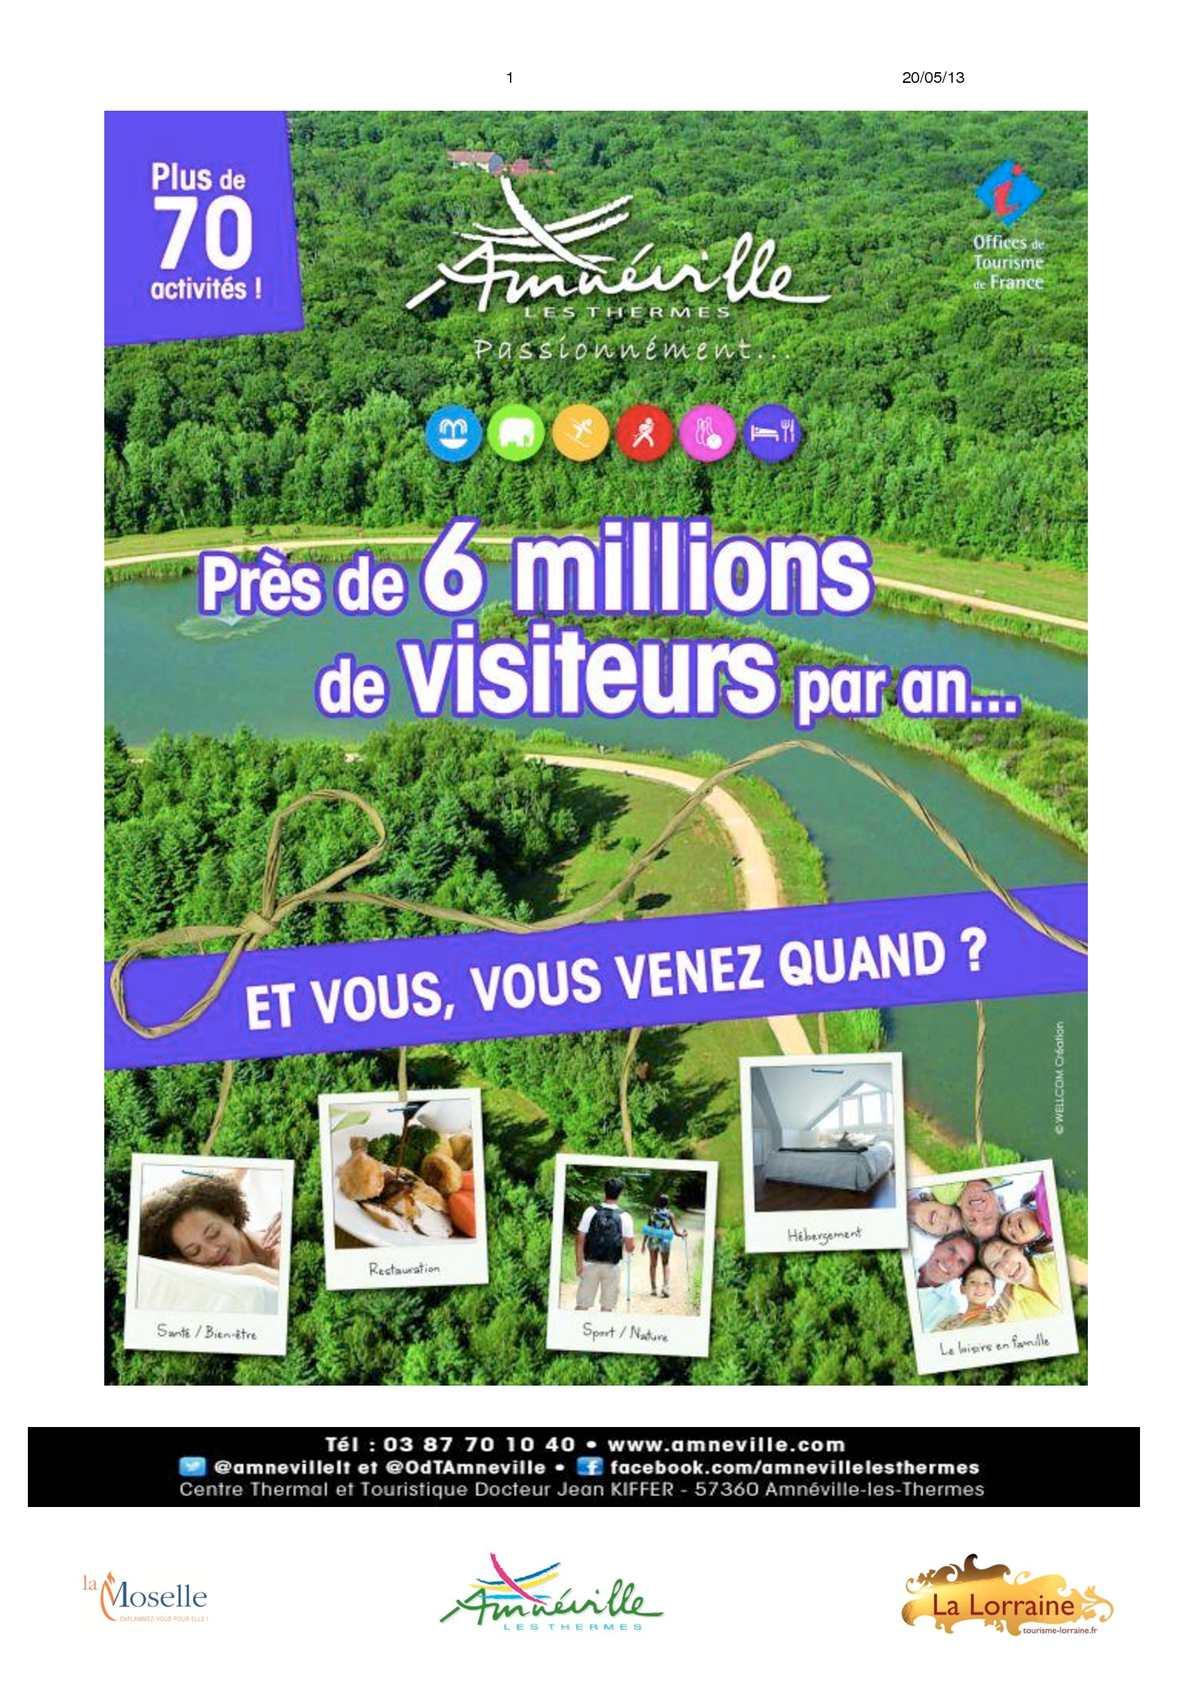 Calam o pr sentation 2013 site amn ville les thermes - Office de tourisme amneville ...